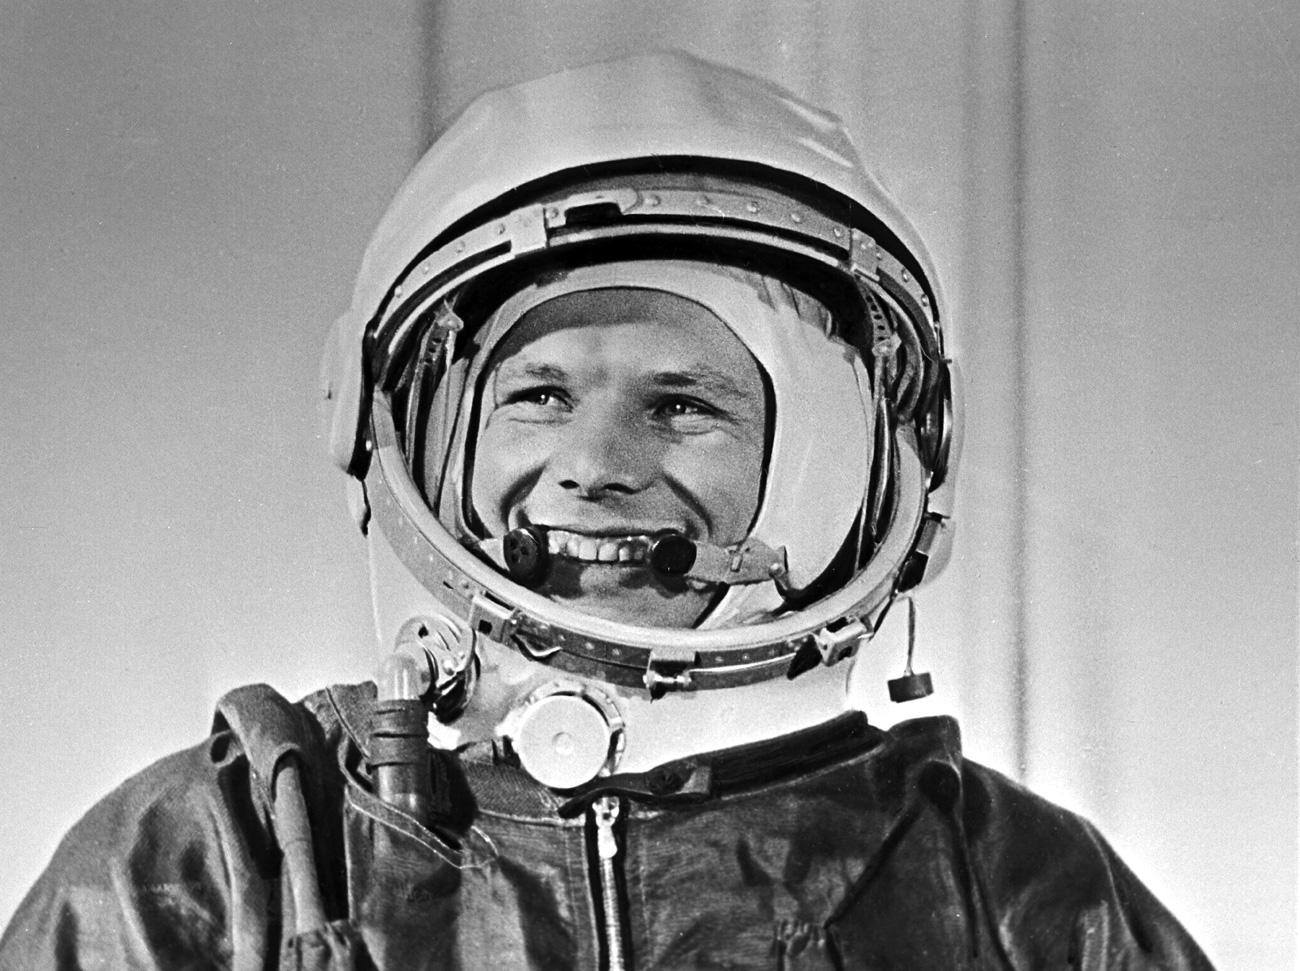 Pilot, kozmonavt in heroj Sovjetske zveze, polkovnik Jurij Gagarin